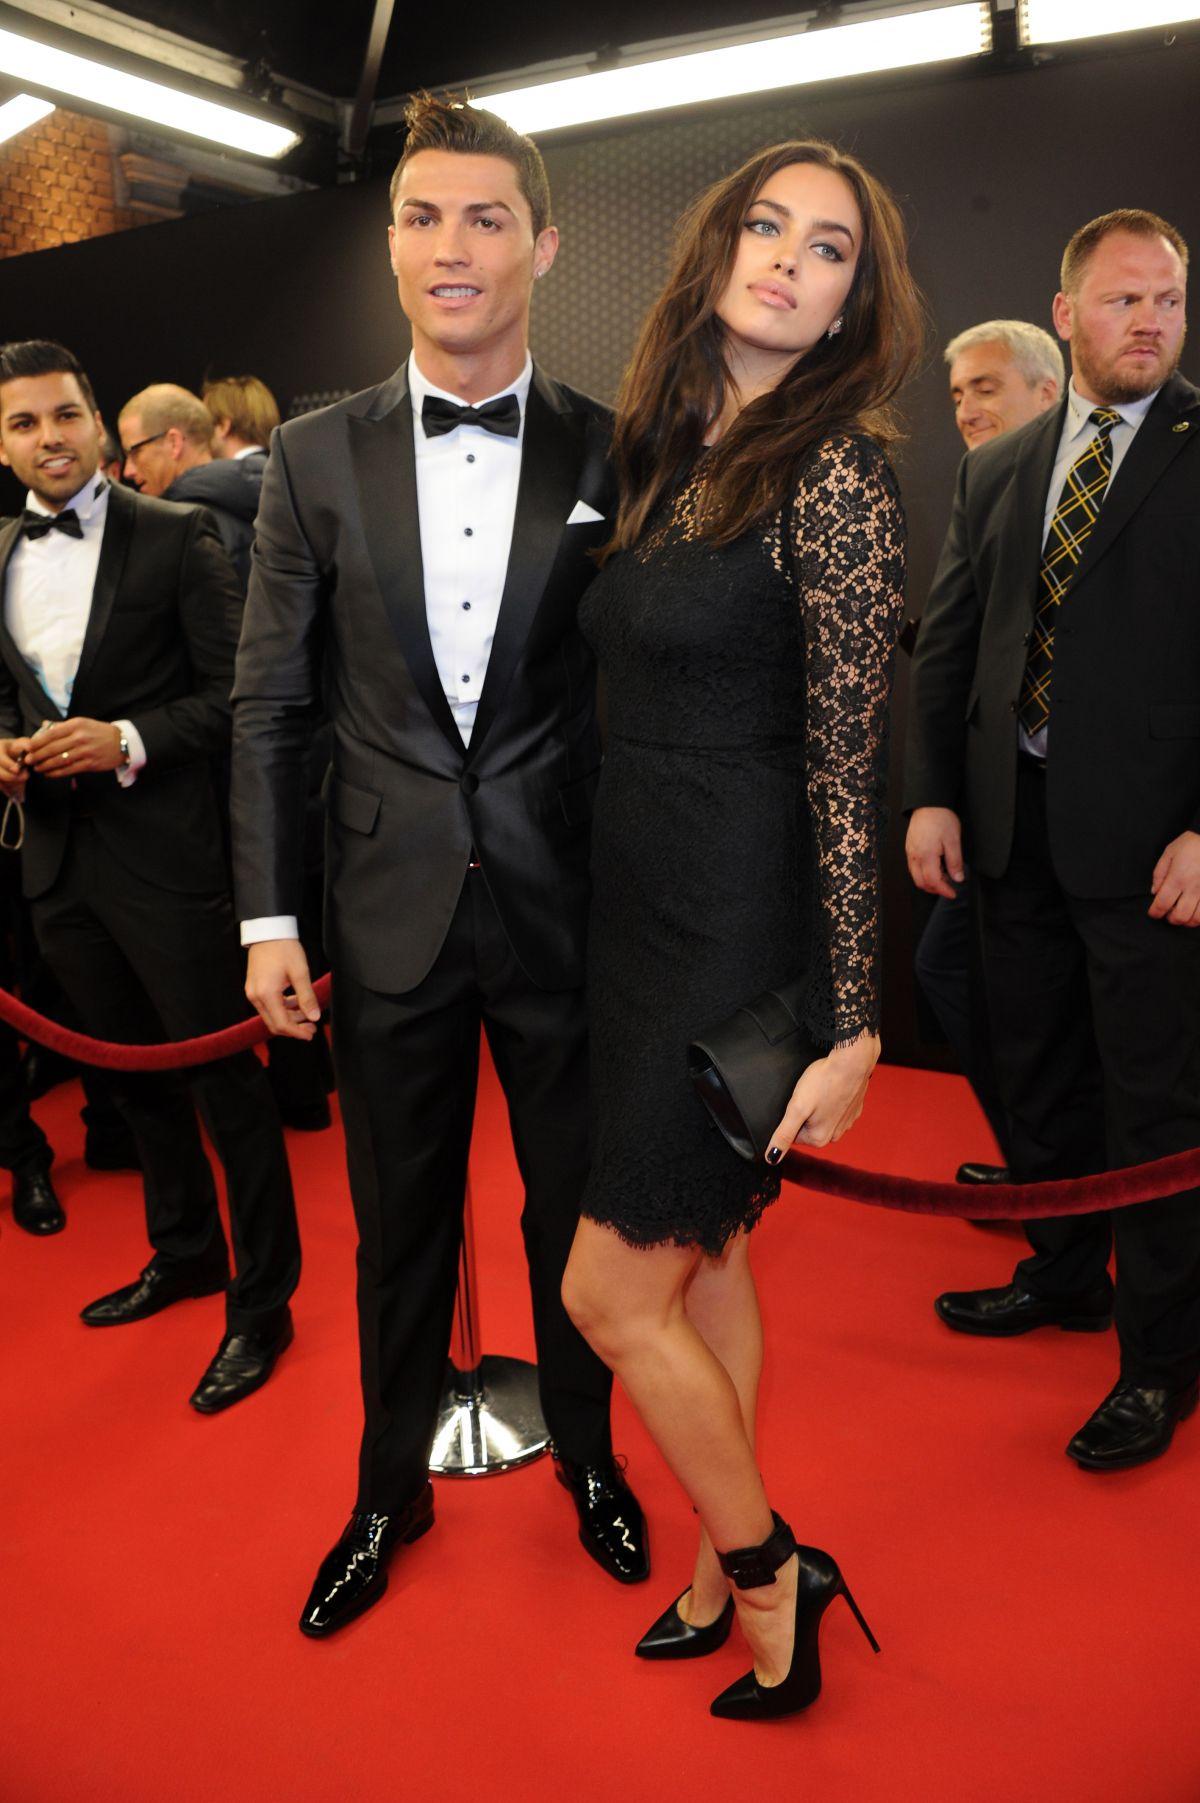 IRINA SHAYK and Cristiano Ronaldo at Ballon D'or 2013 ... Irina Shayk And Cristiano Ronaldo 2013